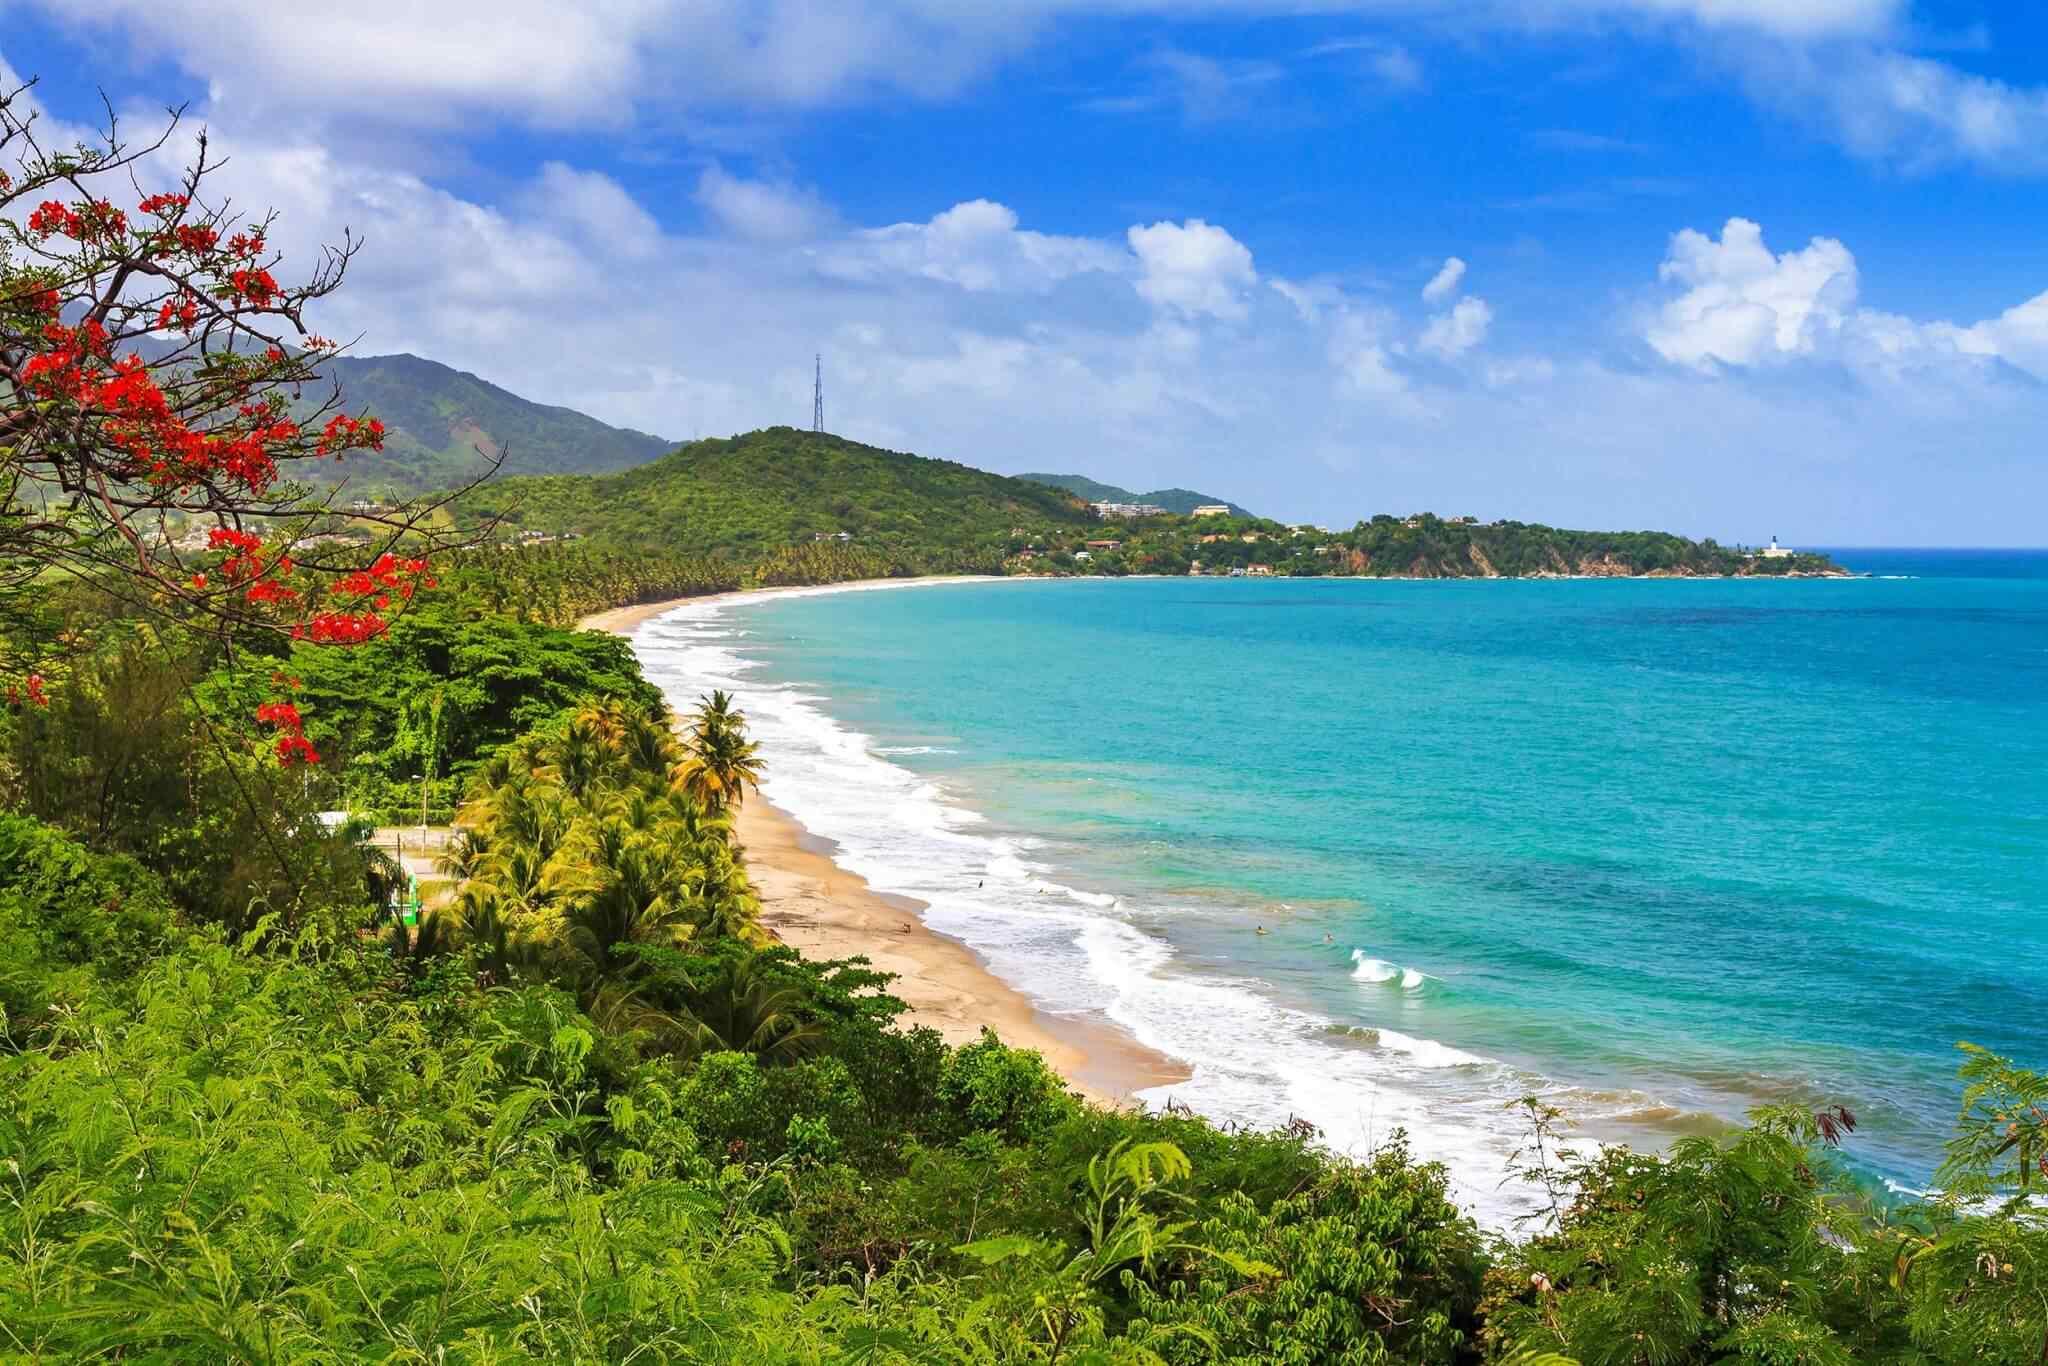 destination-puerto-rico-01